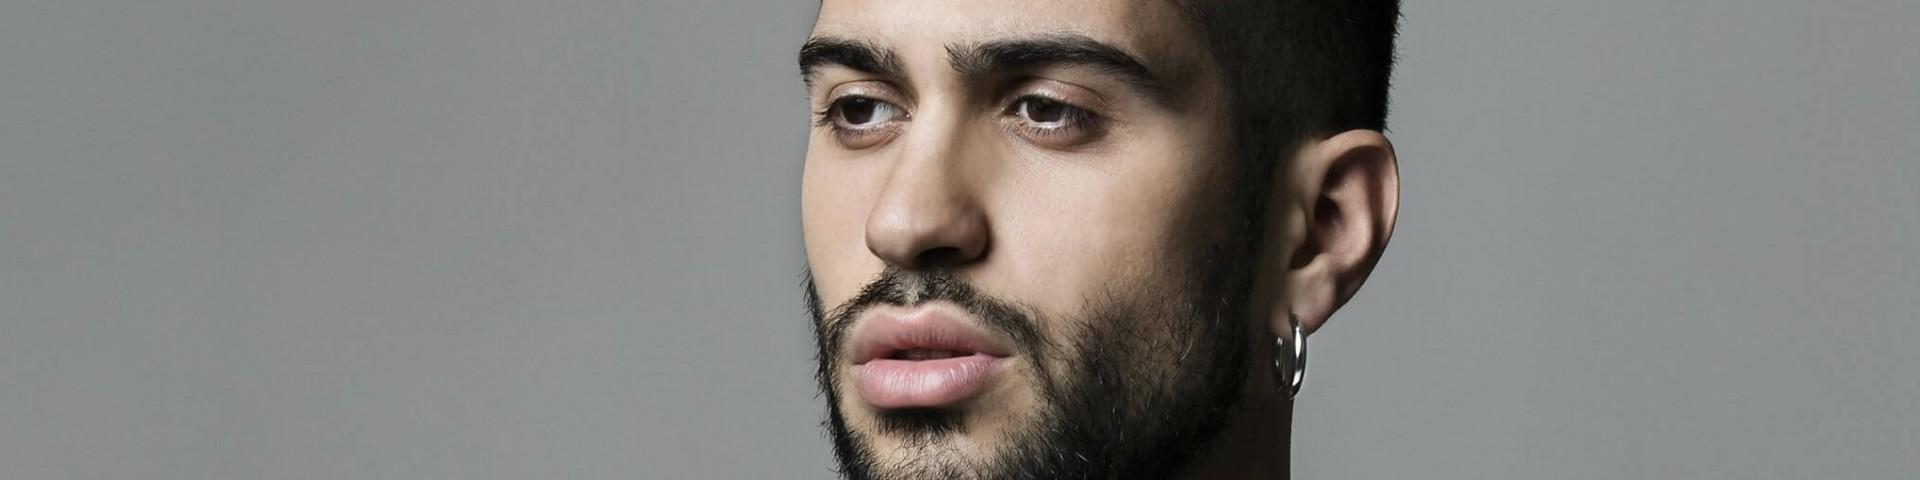 """Cosa significa la frase in arabo in """"Soldi"""" di Mahmood?"""